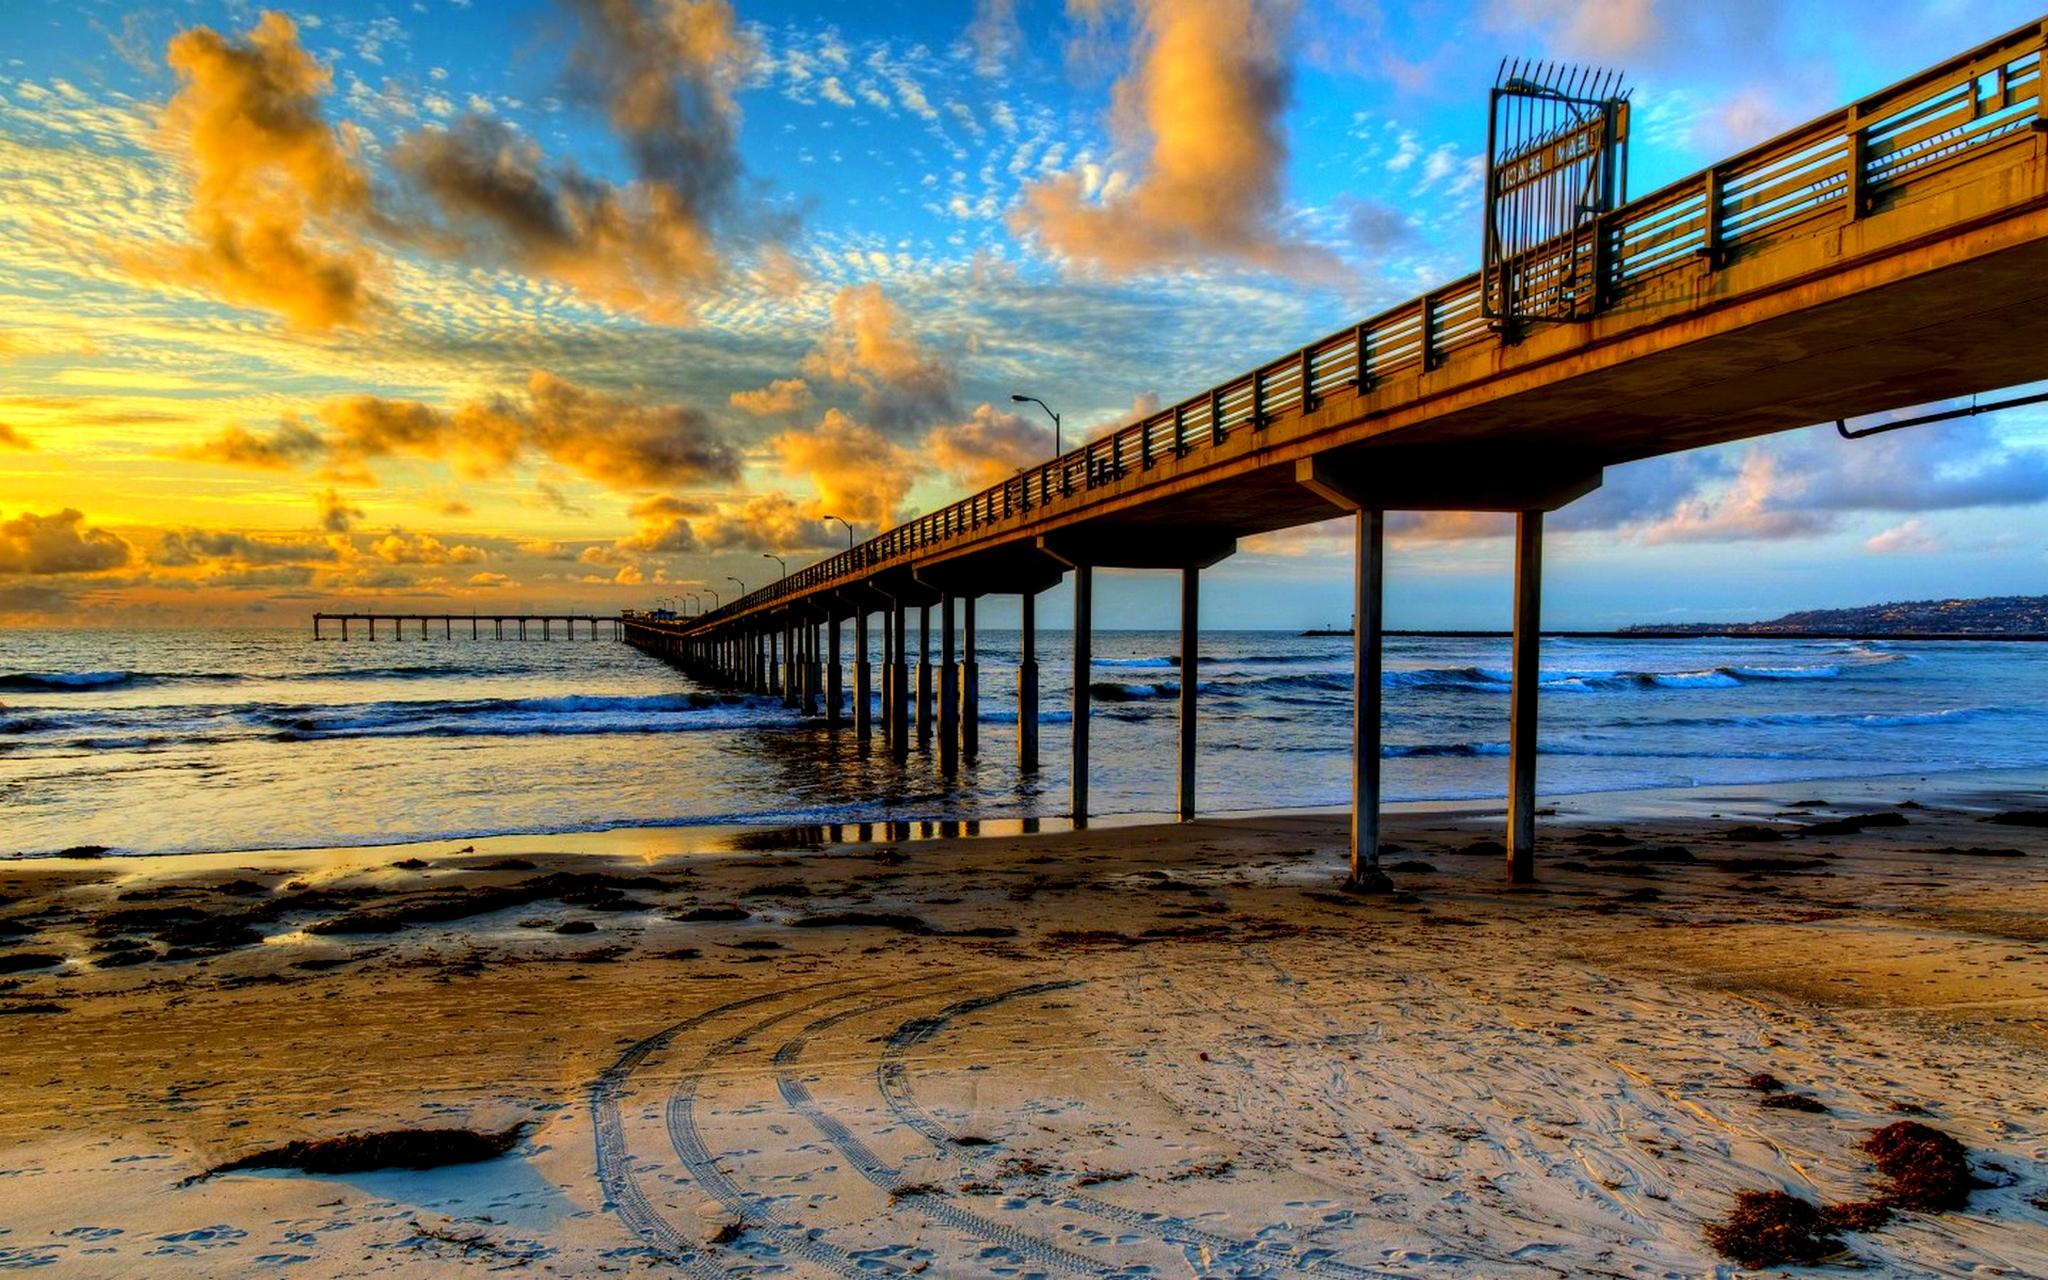 Widescreen HD Bridge Wallpapers Bridge Backgrounds For Download 2048x1280